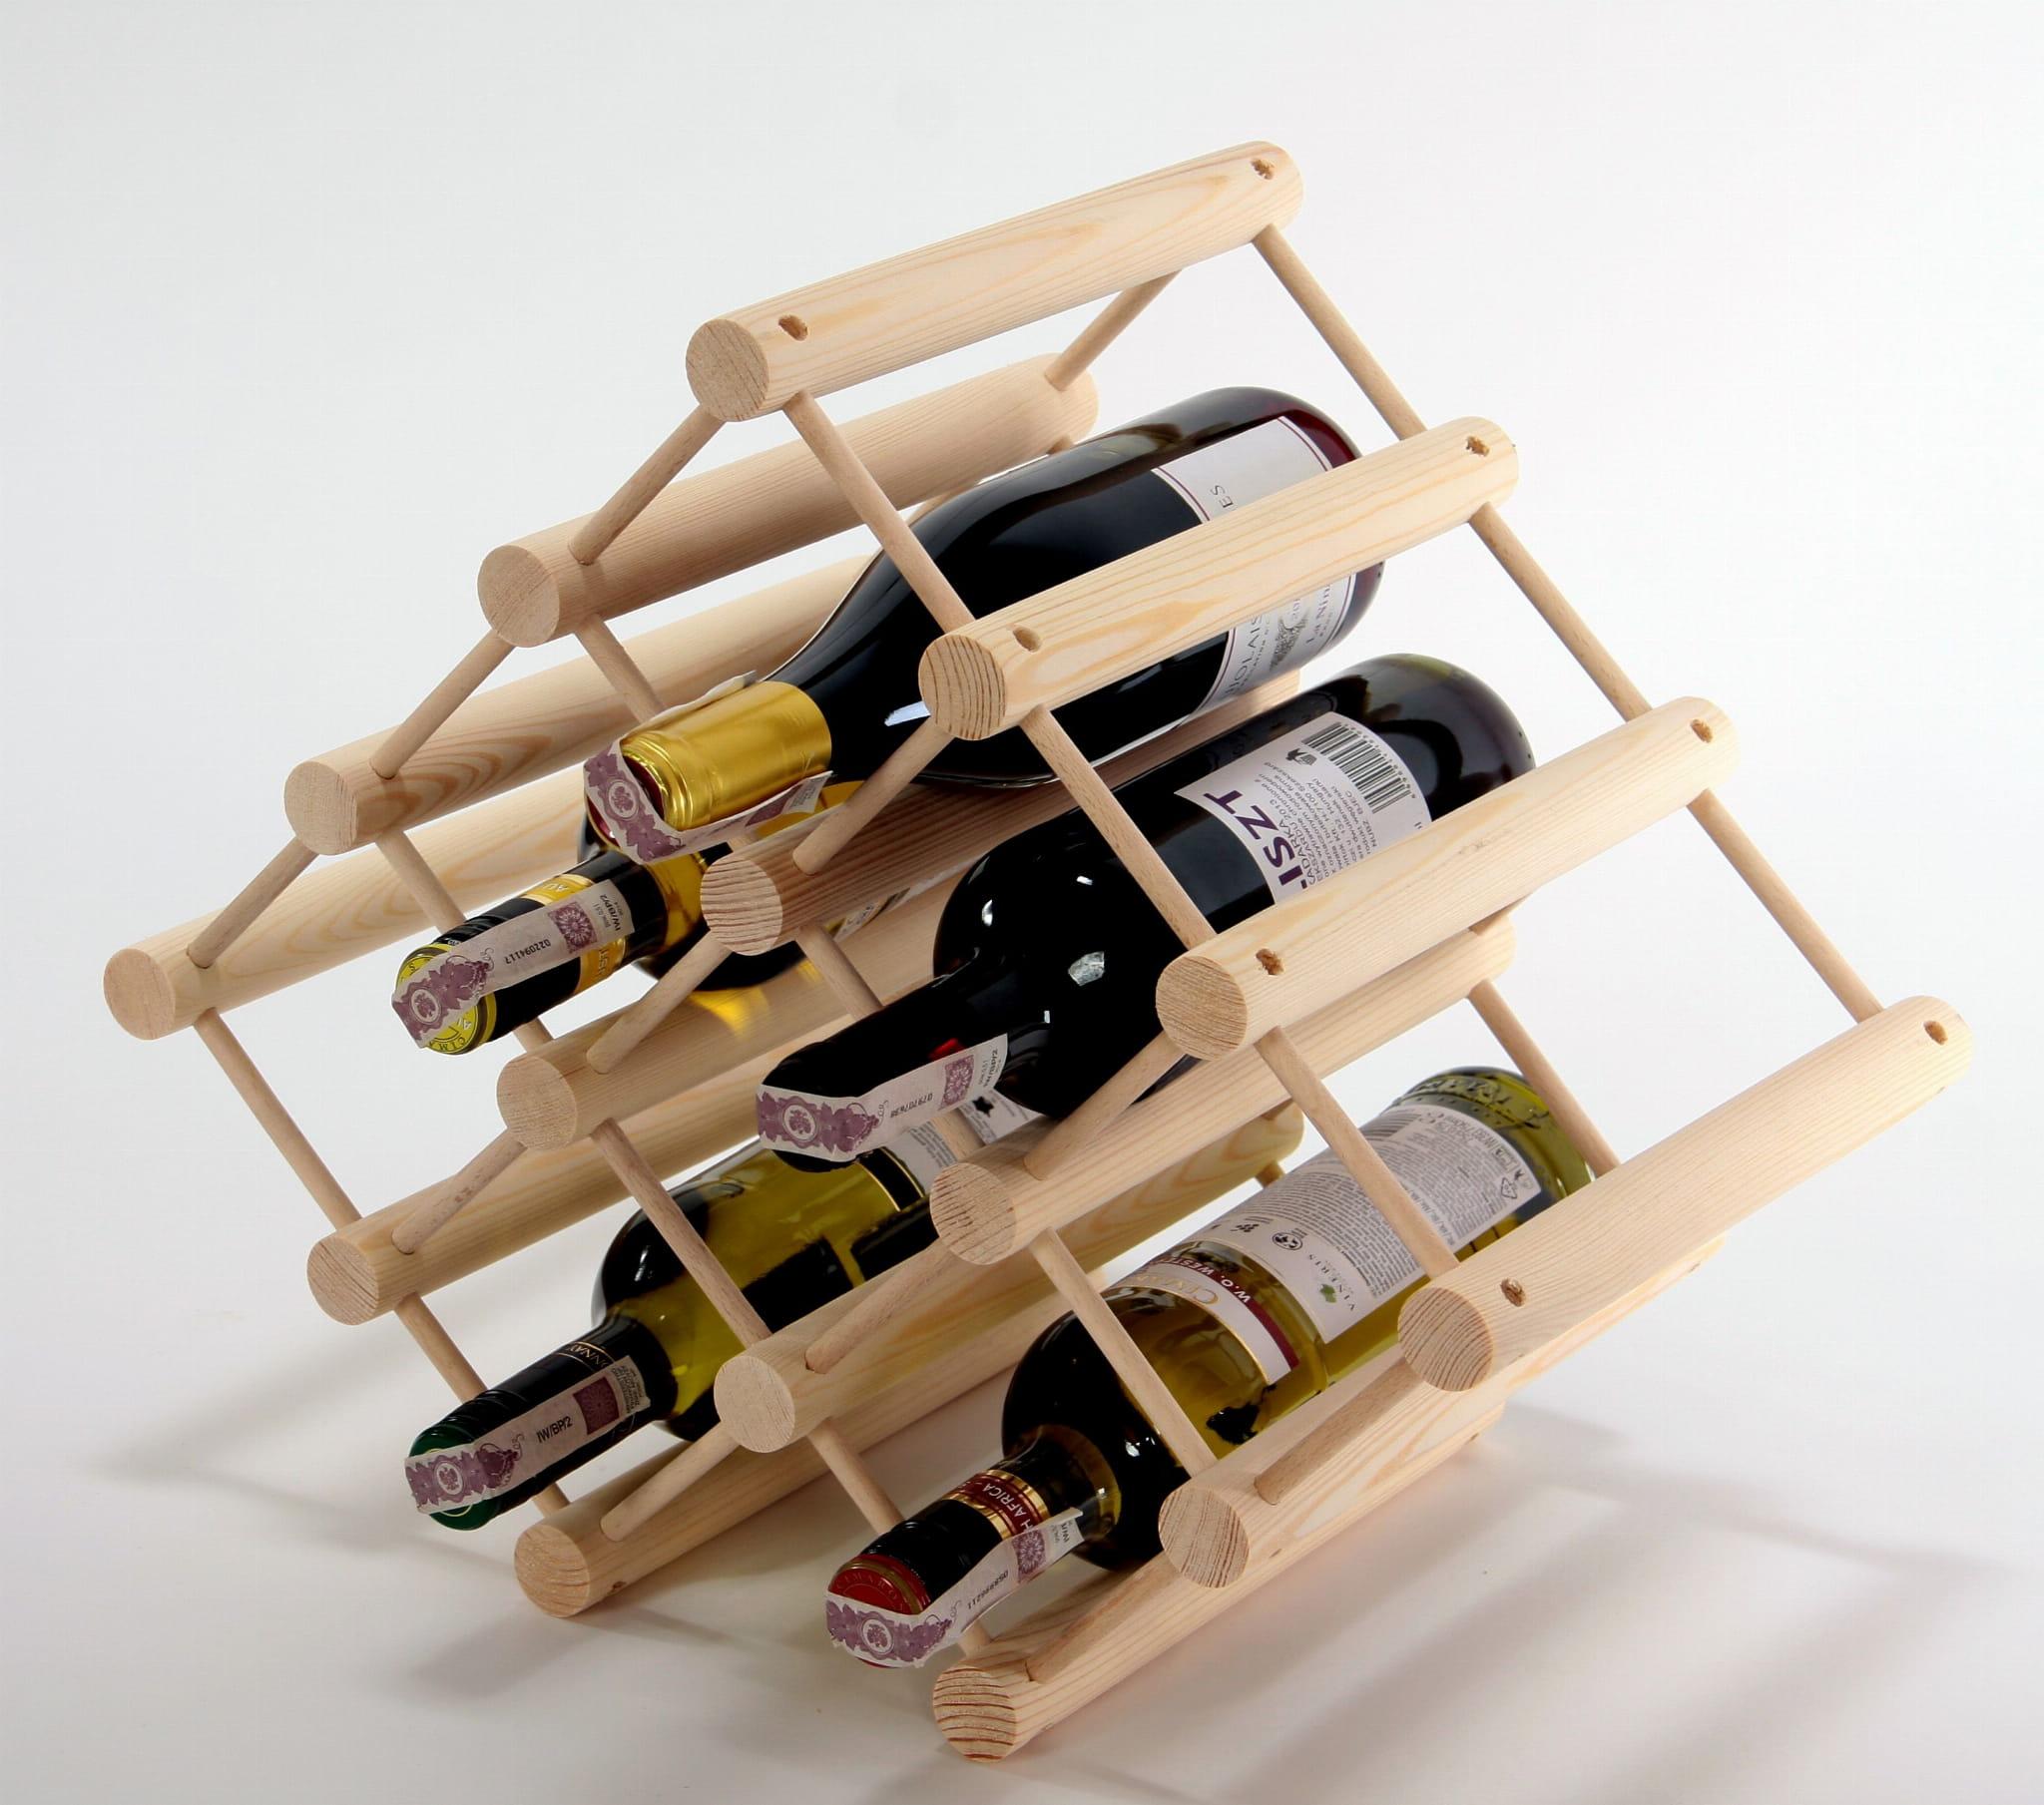 Chwalebne Stojak na wino, 12 butelek, dowolny kształt montażu. - Stolarstwo IC07